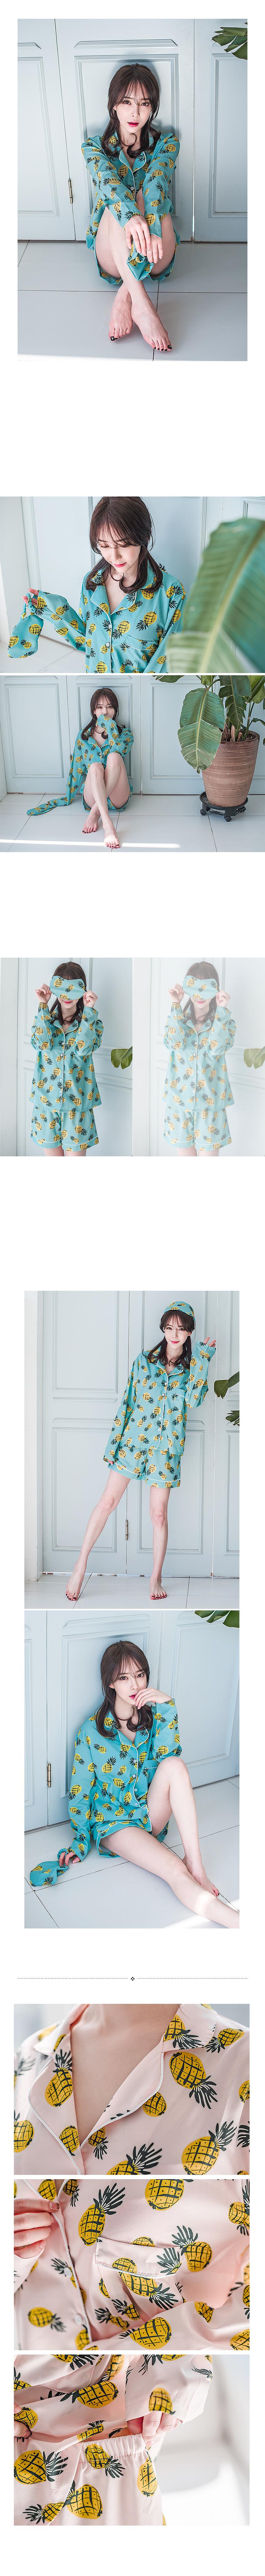 여름 파인애플 잠옷 SET - 로로걸, 22,900원, 잠옷, 여성파자마